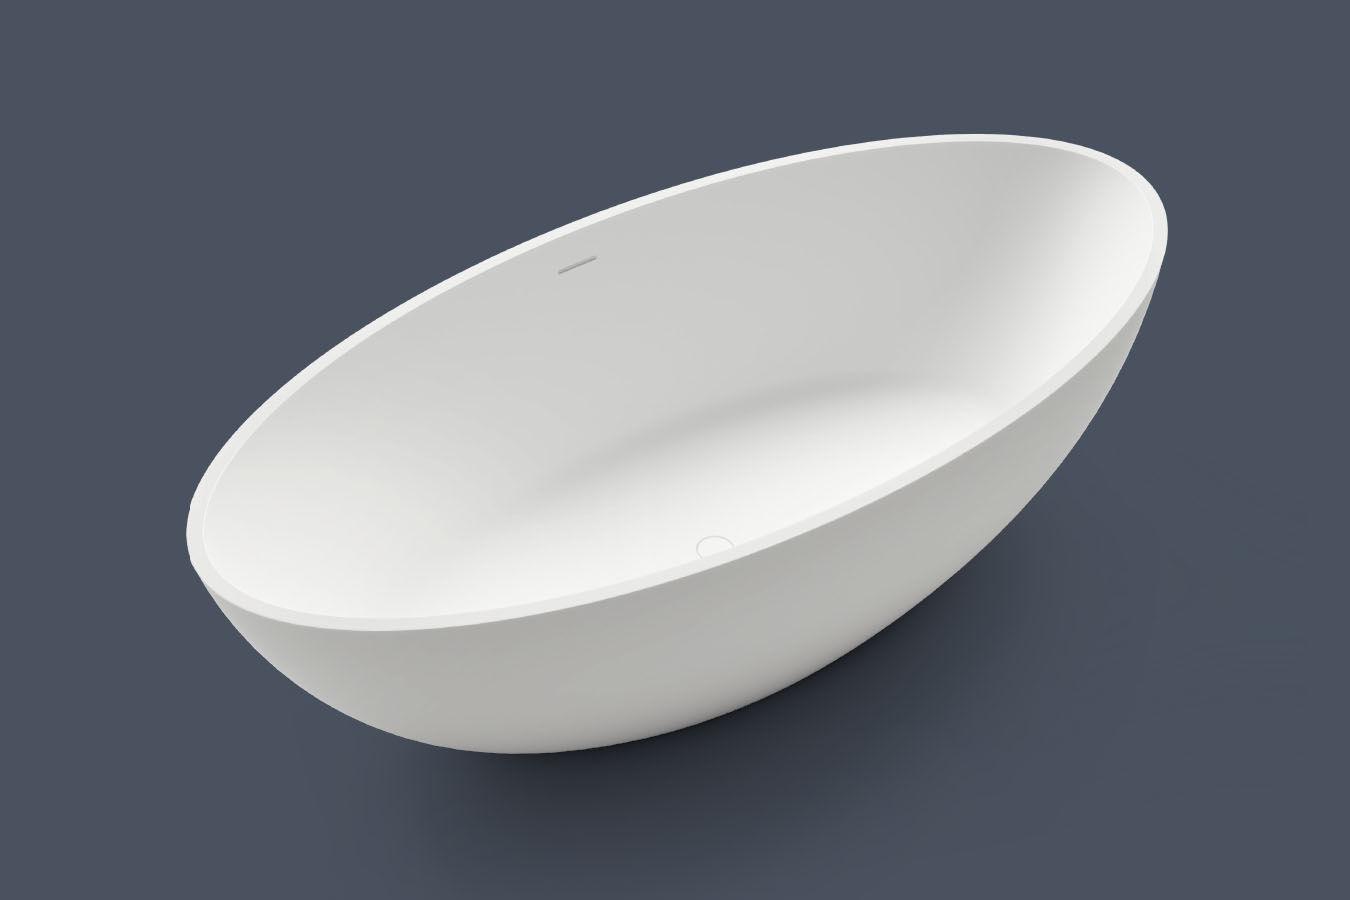 Vasche Da Bagno Treesse Listino Prezzi : Vasca da bagno su piedi ovale in acrilico in metallo epoca